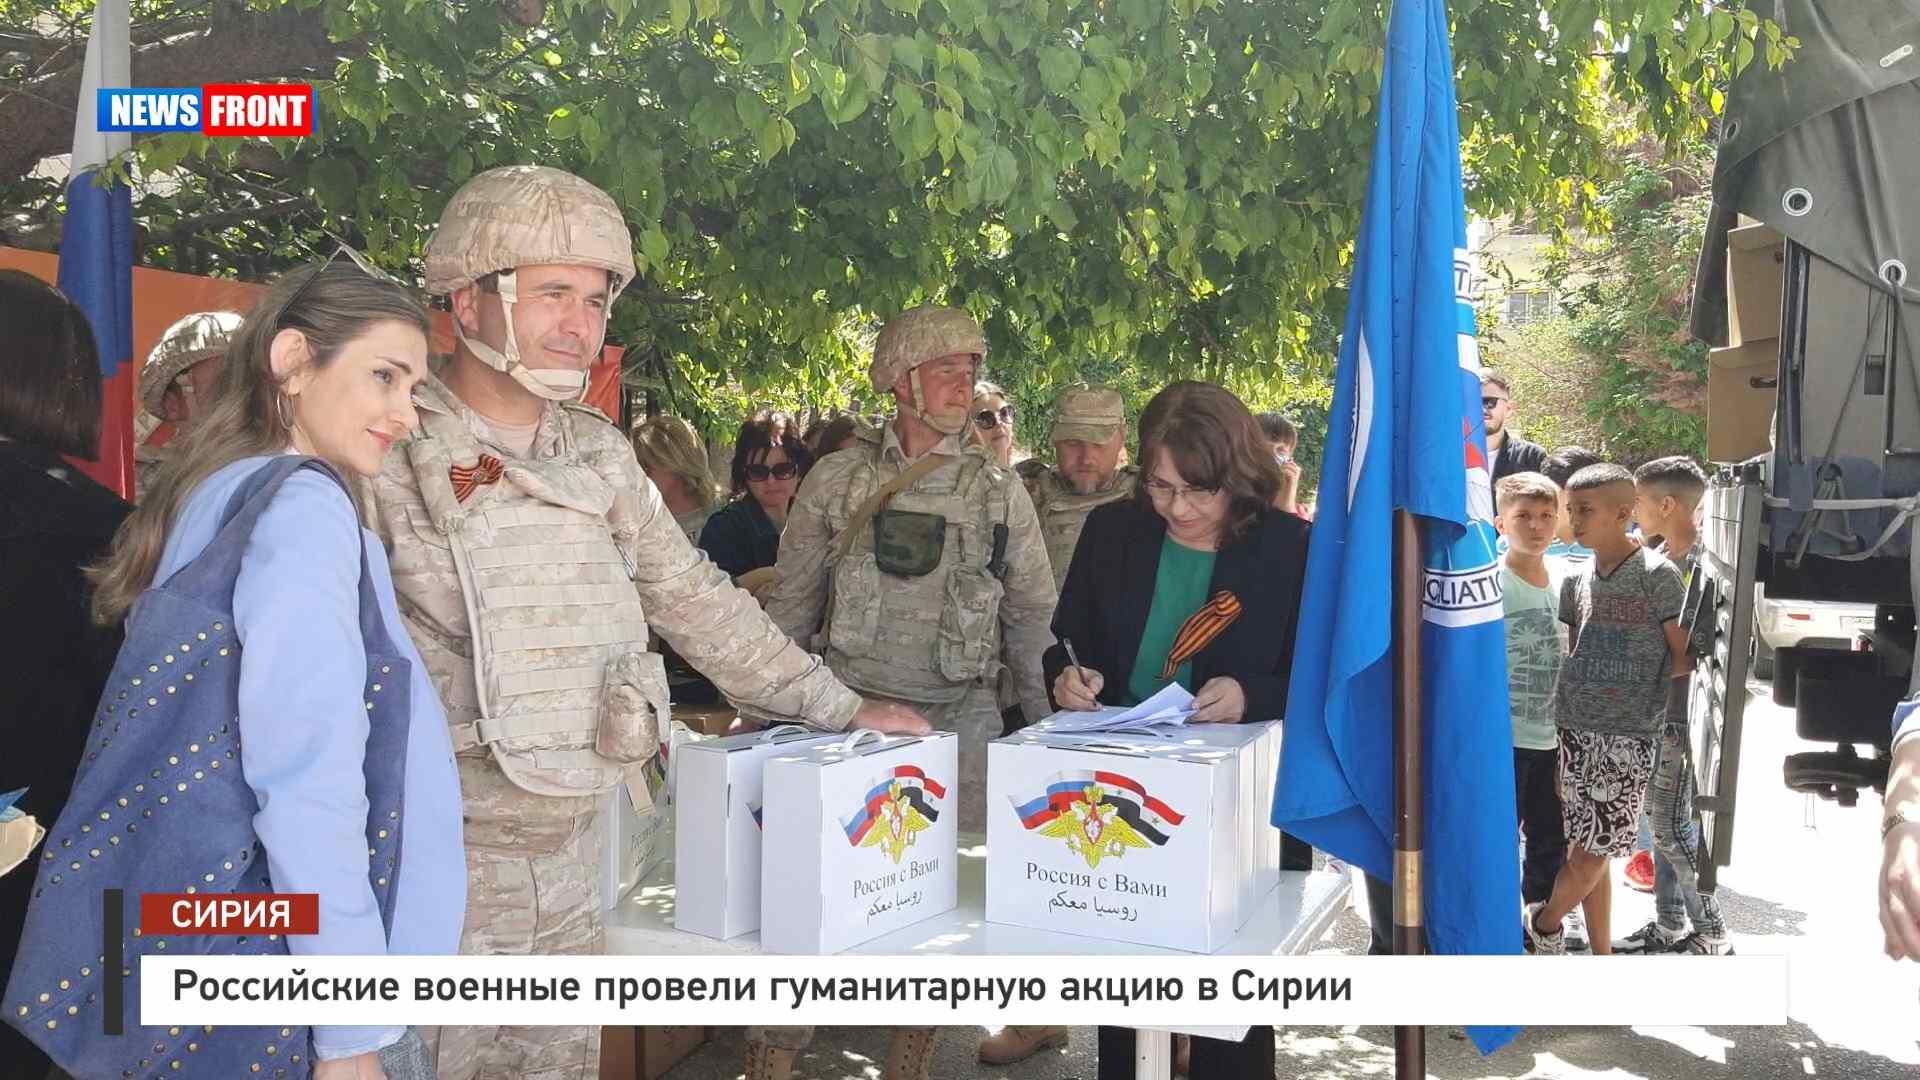 """En video-""""Rusia está con ustedes"""": los militares rusos realizaron una acción humanitaria en Siria"""